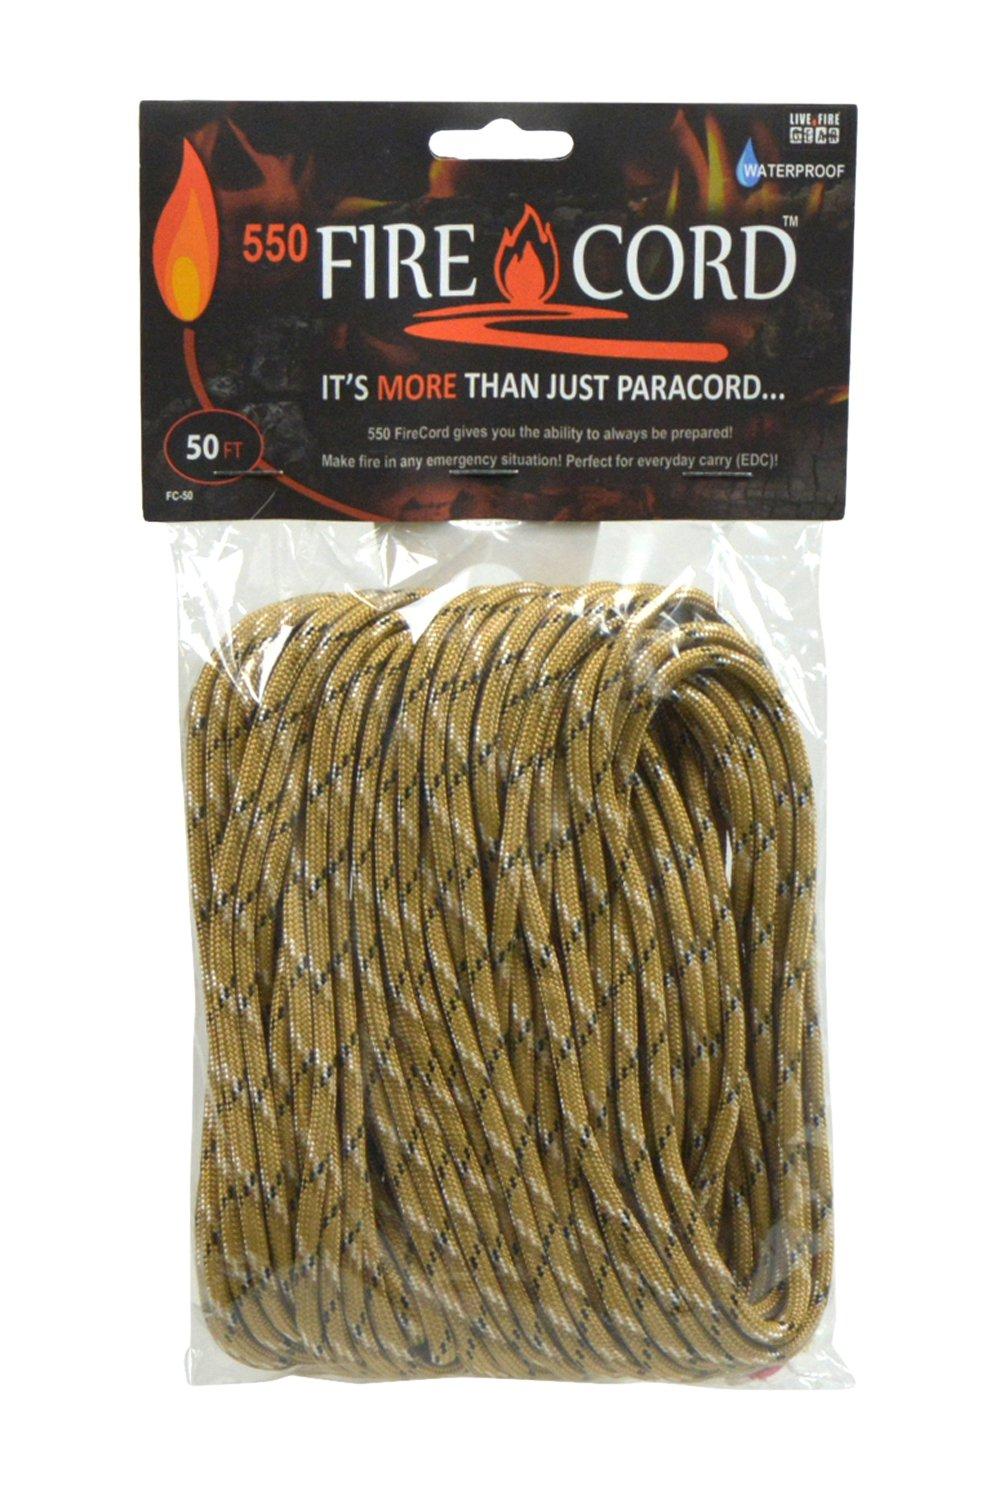 (ライブファイヤーギア) Live Fire Gear ファイヤコード 着火剤になる紐 550パラコード B00R8N4HA6 100ft|デザートストームカモ デザートストームカモ 100ft